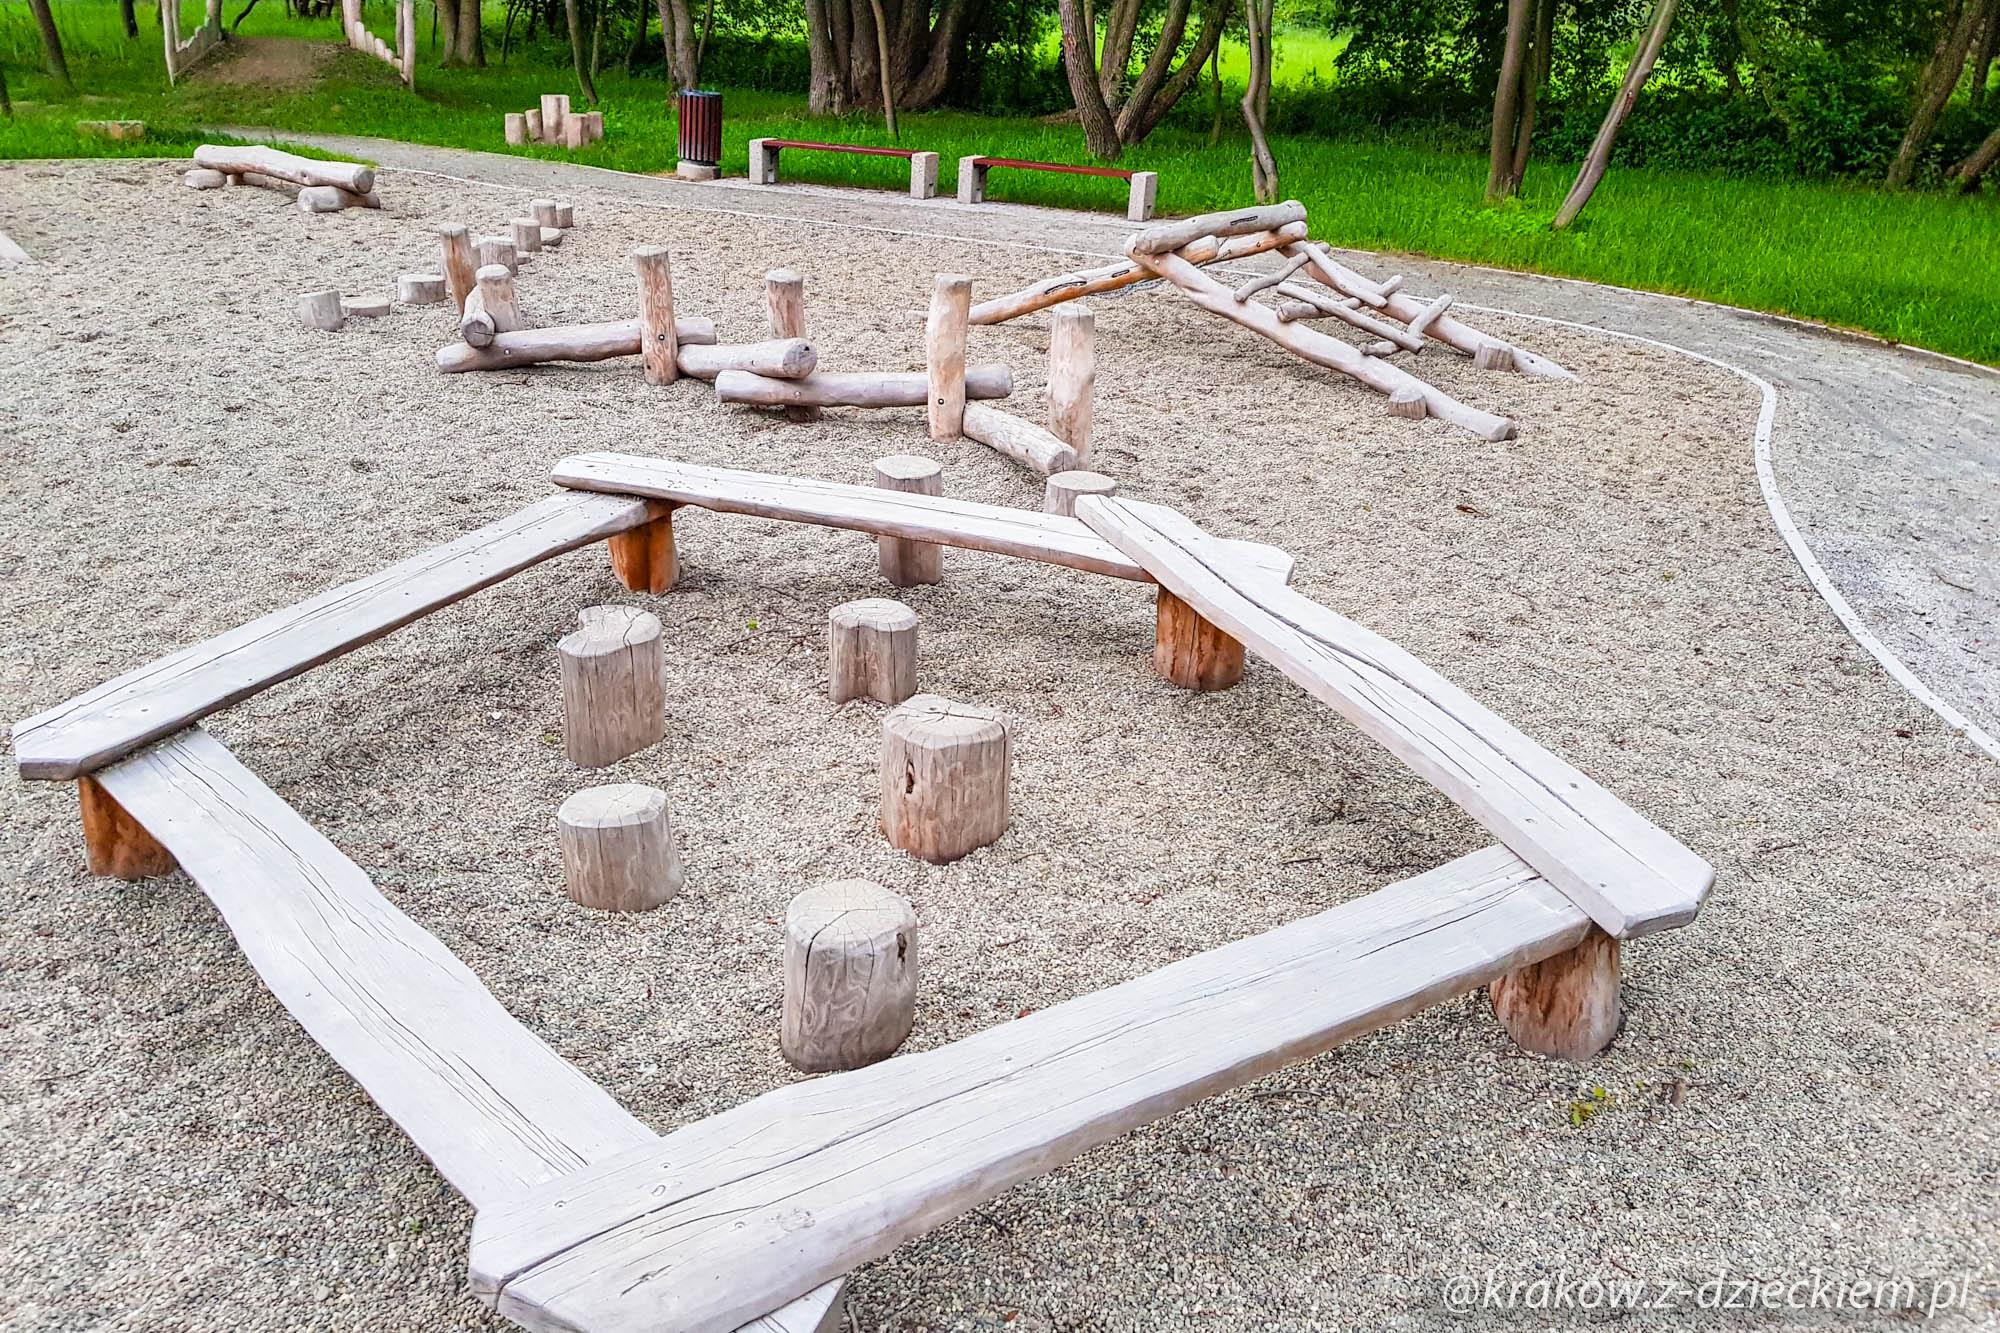 pniaki do skakania, plac zabaw w Dobczycach